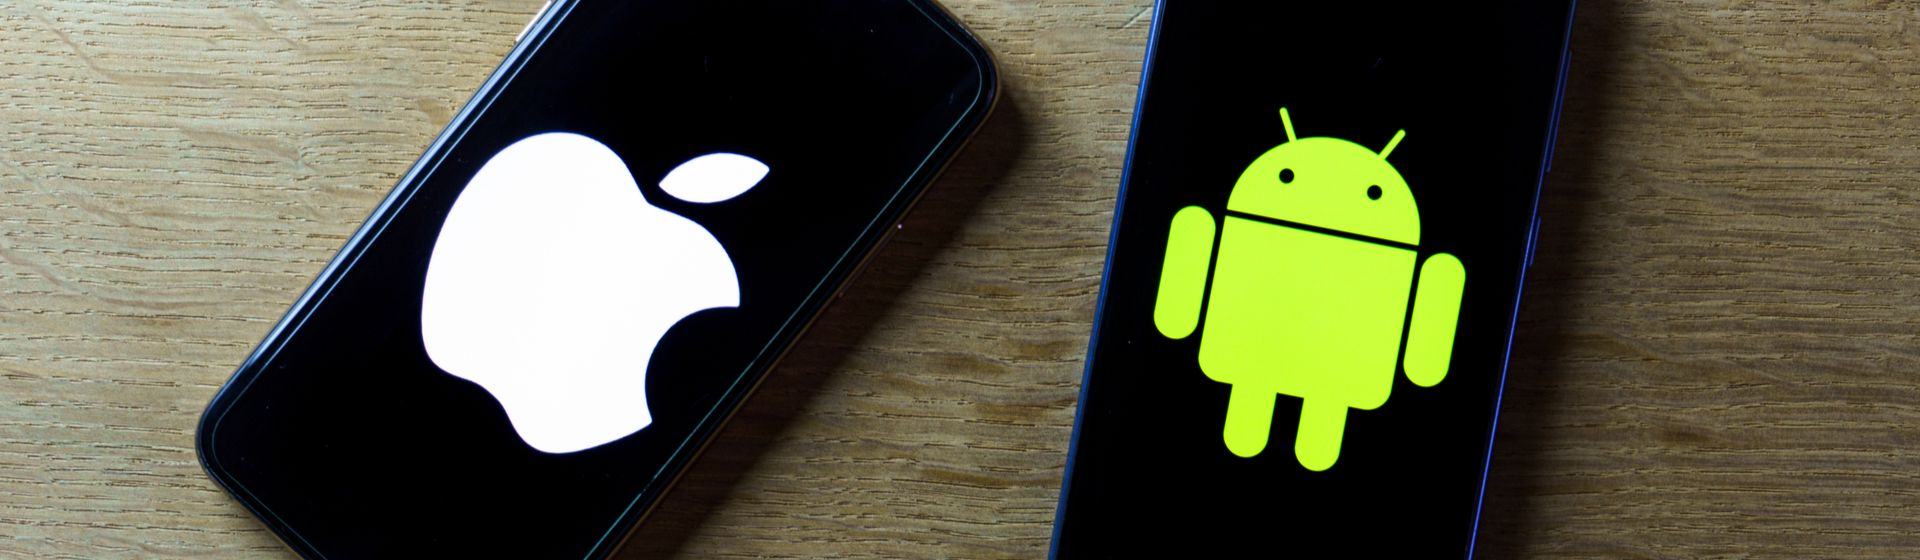 Sistema operacional de celular: o que é e qual o melhor?